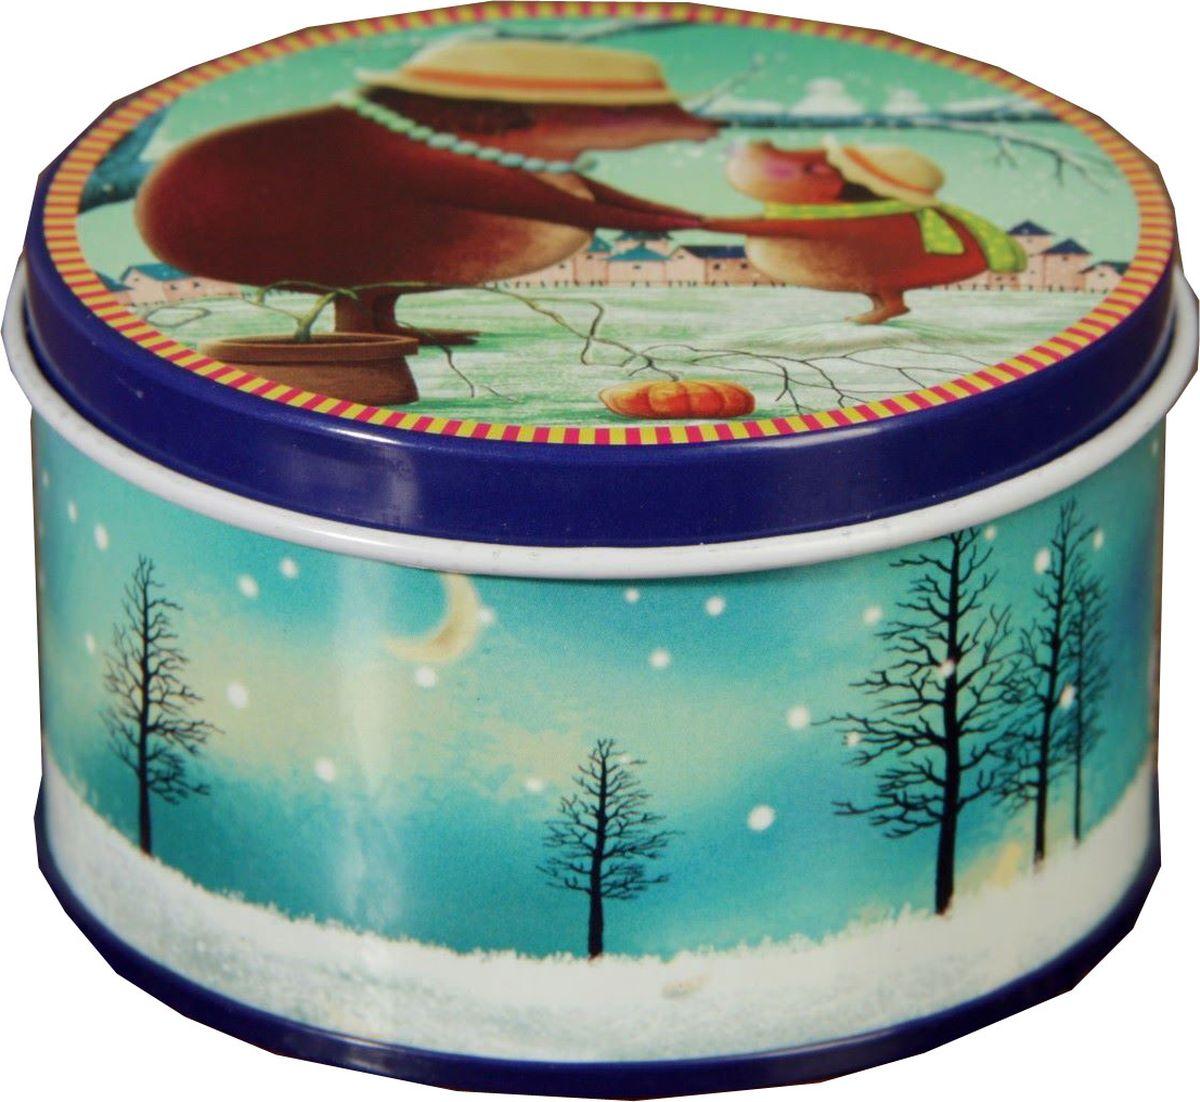 Шкатулка Sima-land Кроты, цвет: голубой, 4,5 х 8 х 8 см2266170Шкатулка — это небольшой сувенир, а также оригинальная упаковка подарка. Она дополнит интерьер спальни, гостиной или прихожей. Изделие предназначено для хранения украшений: колец, браслетов, часов, цепочек, колье, сережек и прочих предметов.